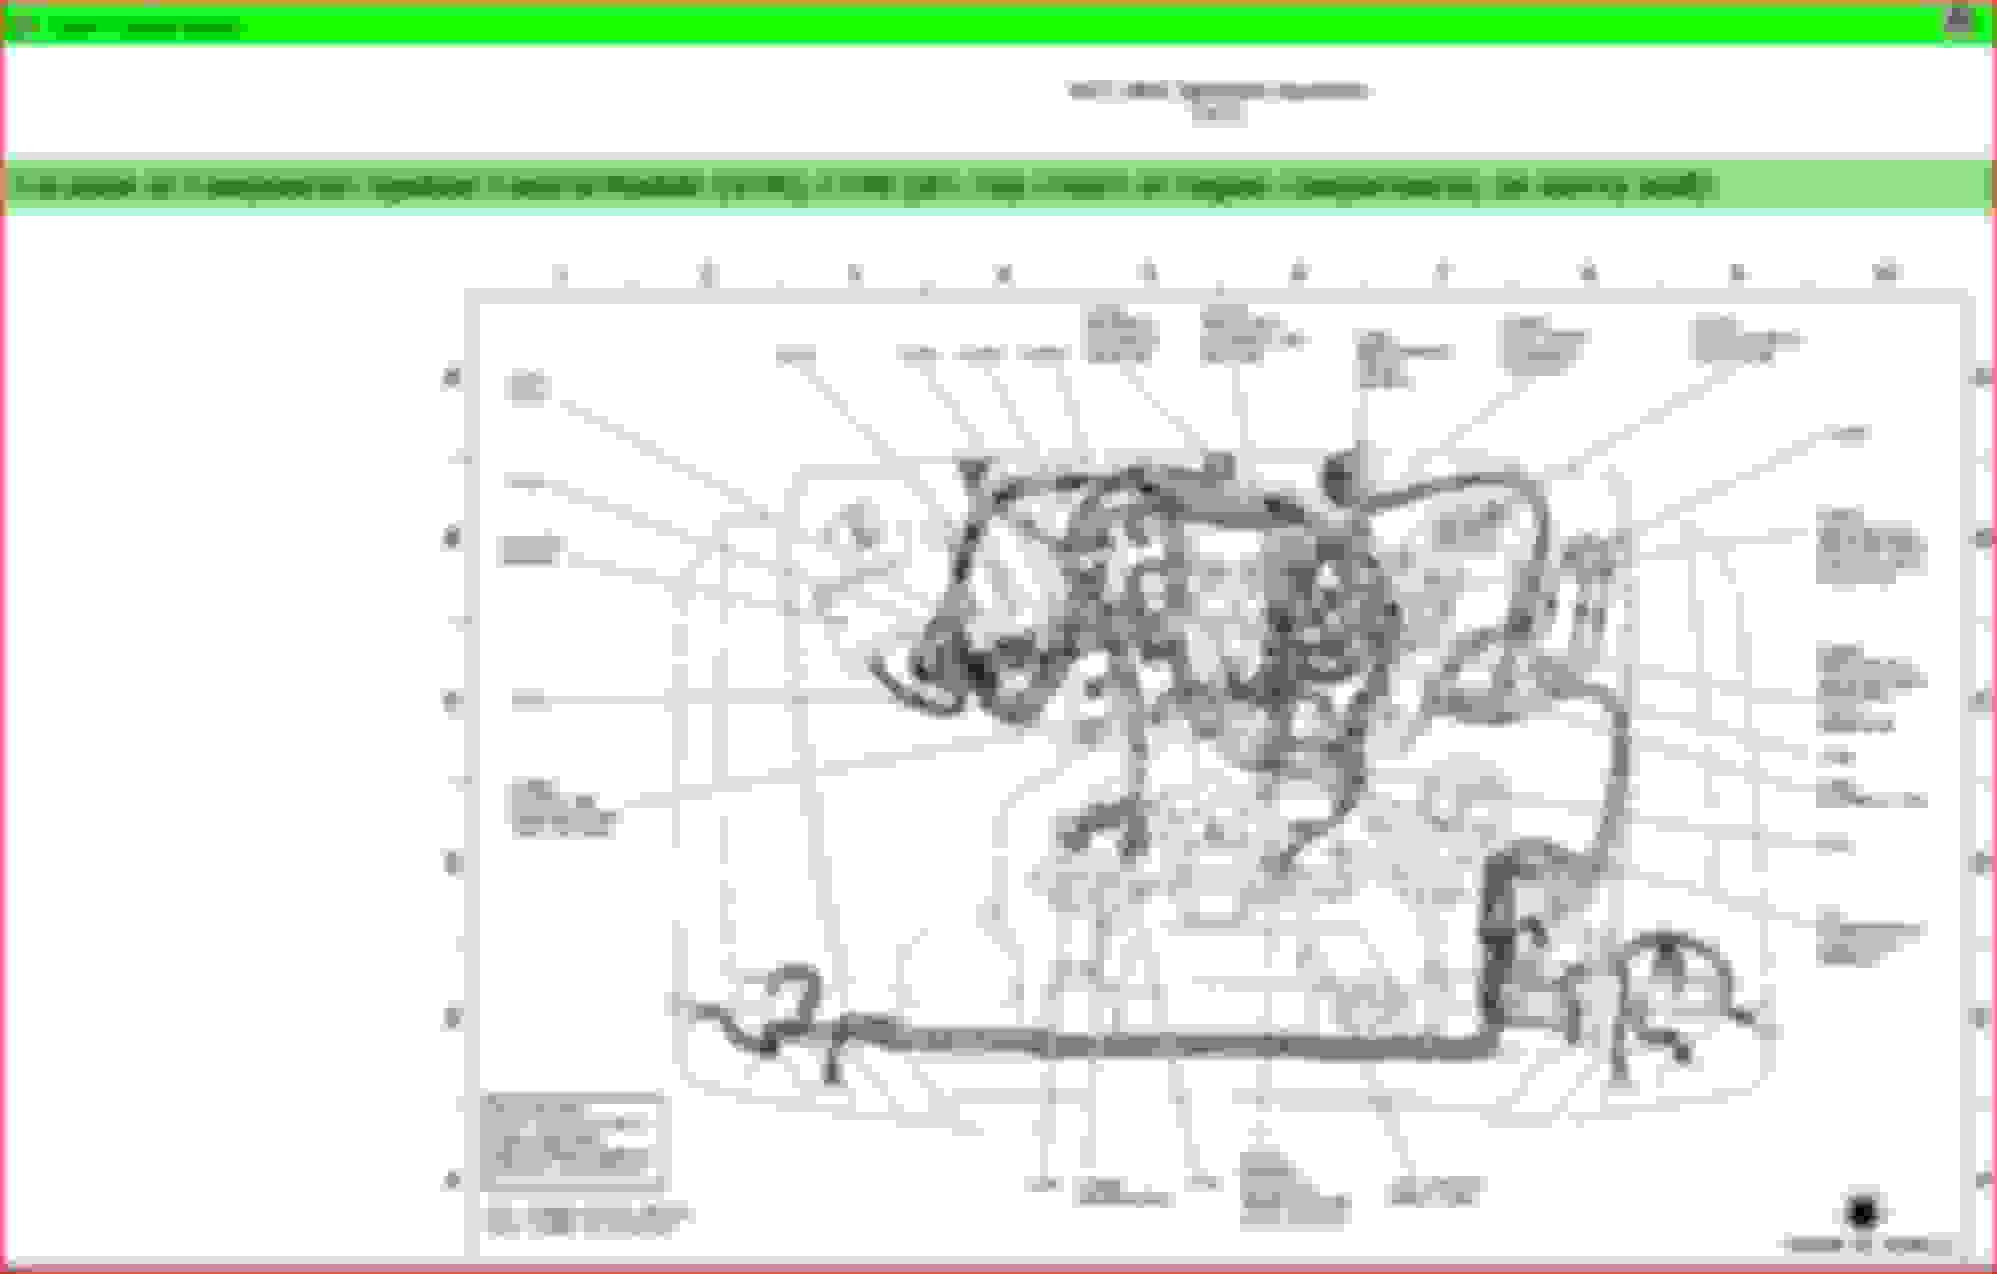 F700 Wiring Diagram - Wiring Diagram & Schemas